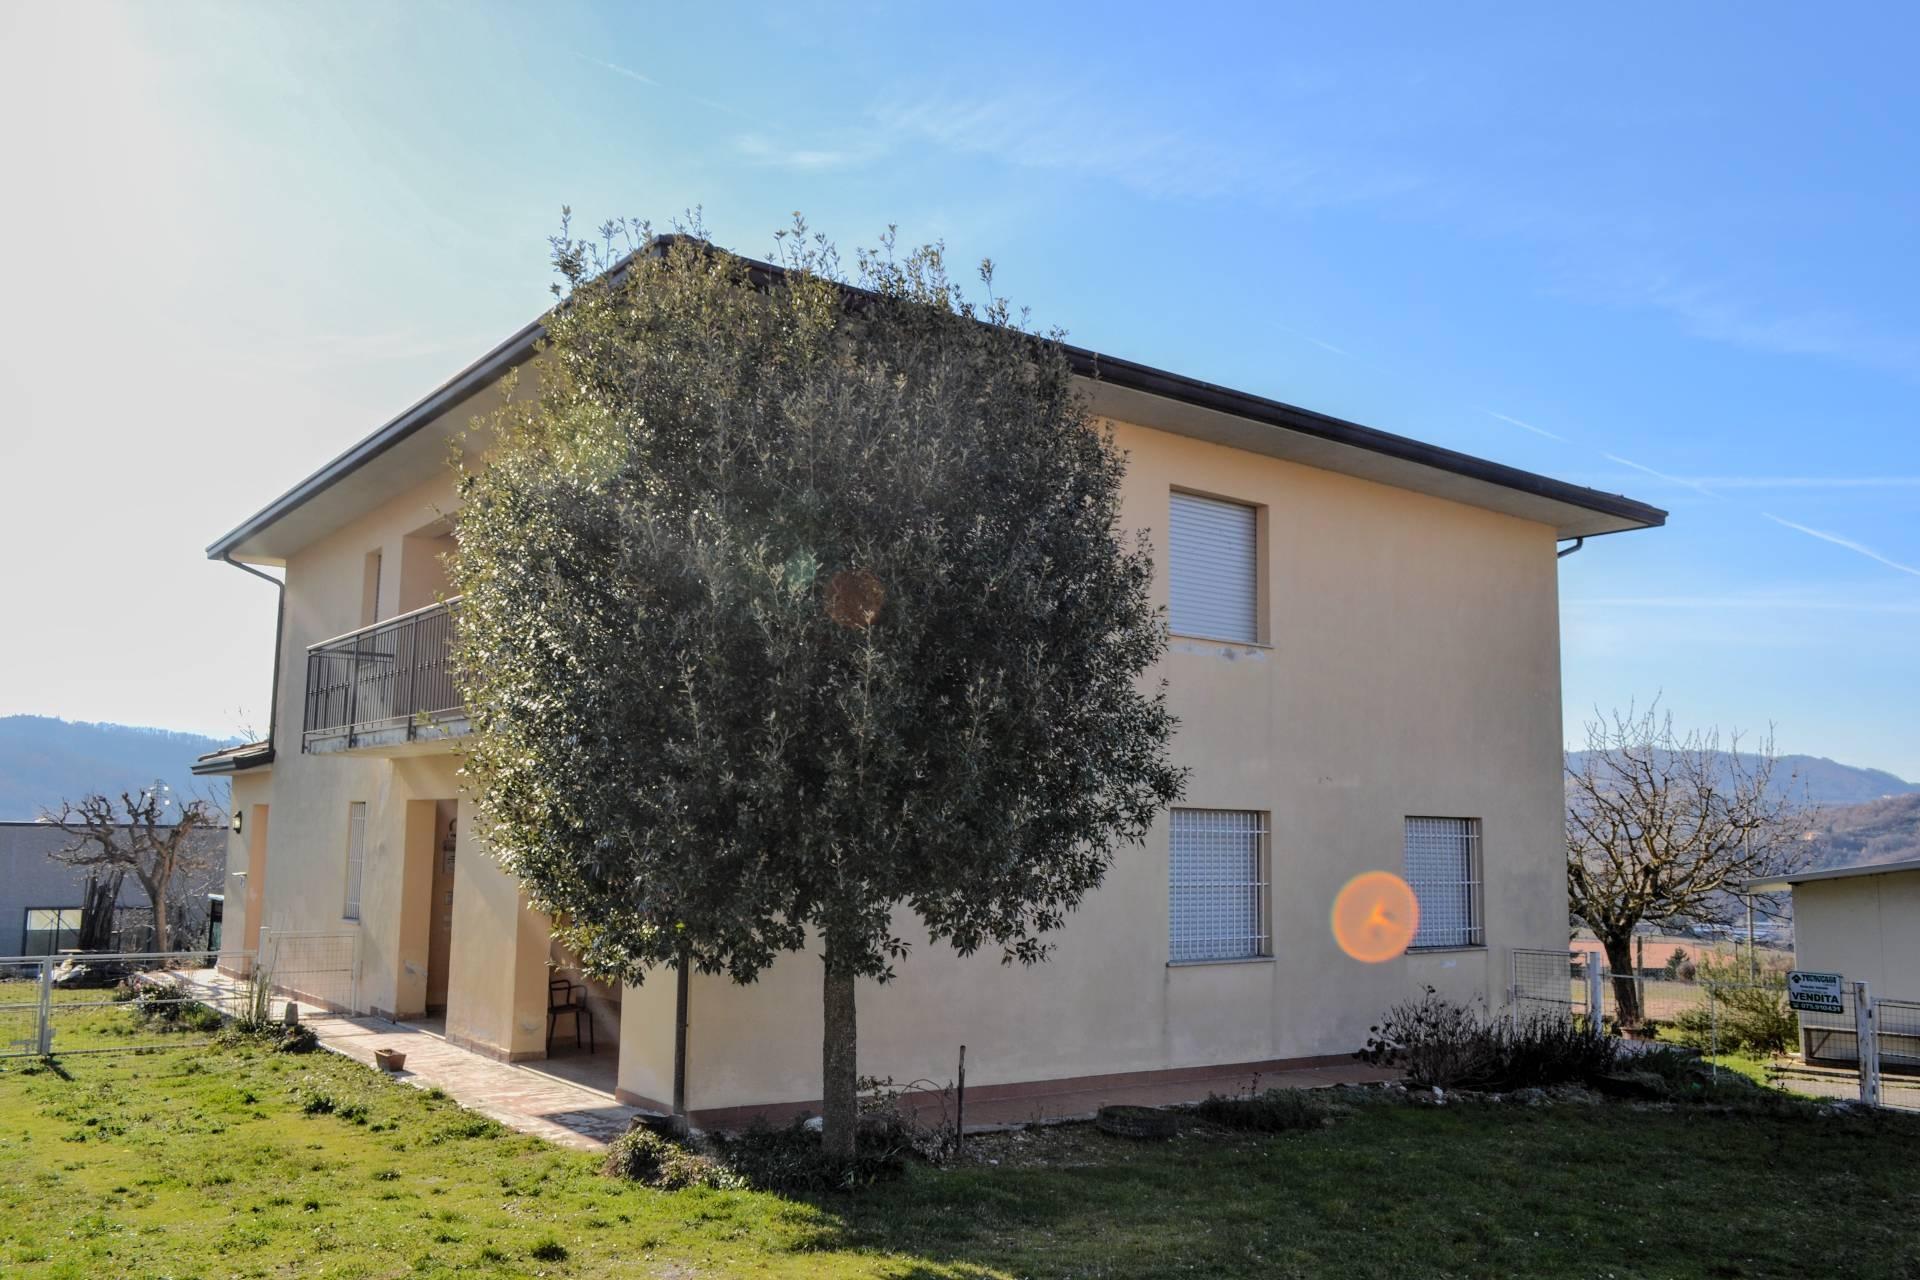 Soluzione Indipendente in vendita a Nocera Umbra, 10 locali, prezzo € 115.000   CambioCasa.it